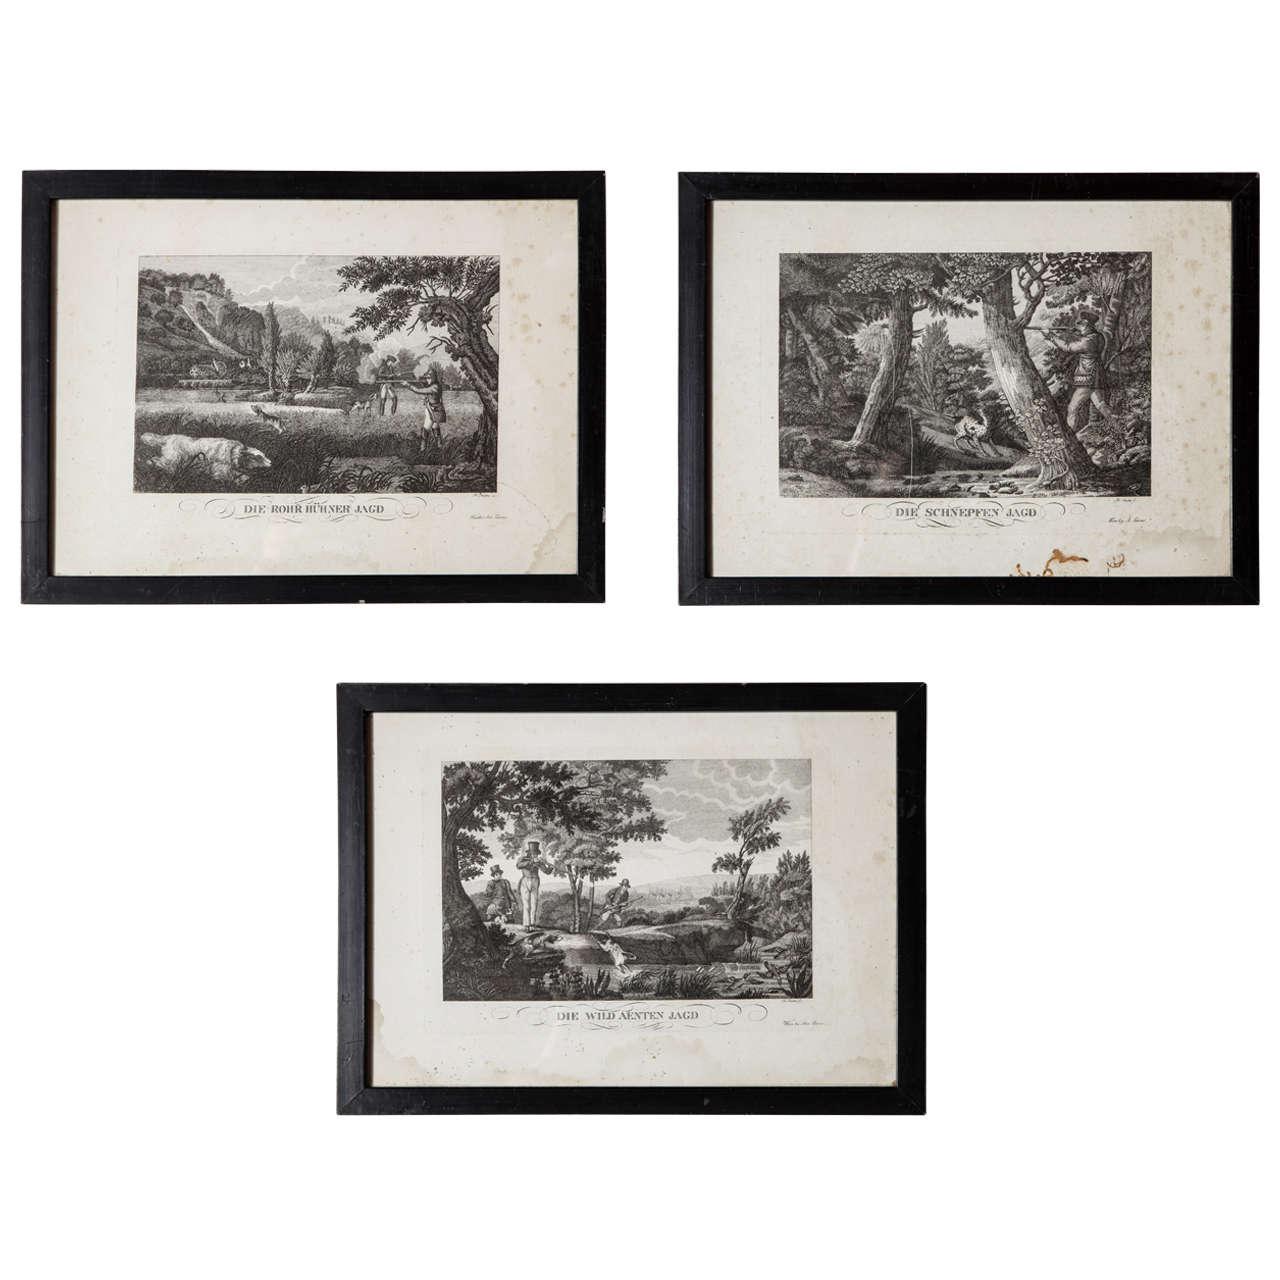 Set of Three German Hunting Engravings, 1800s